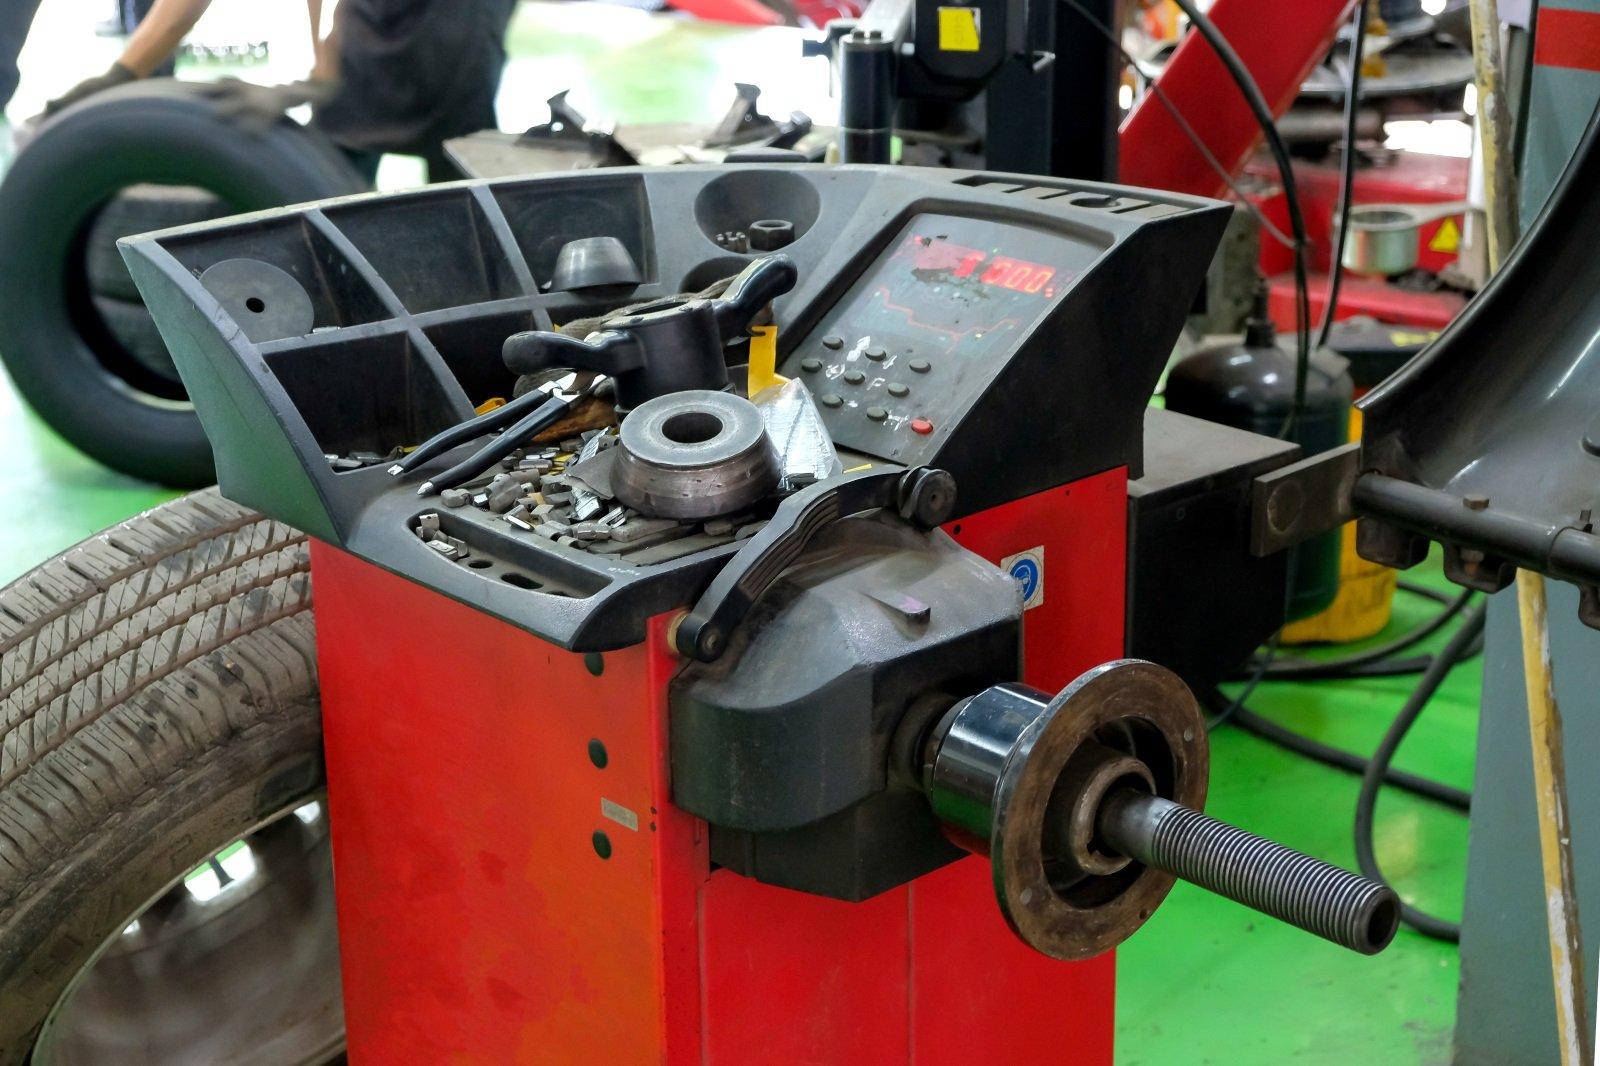 un macchinario per pneumatici